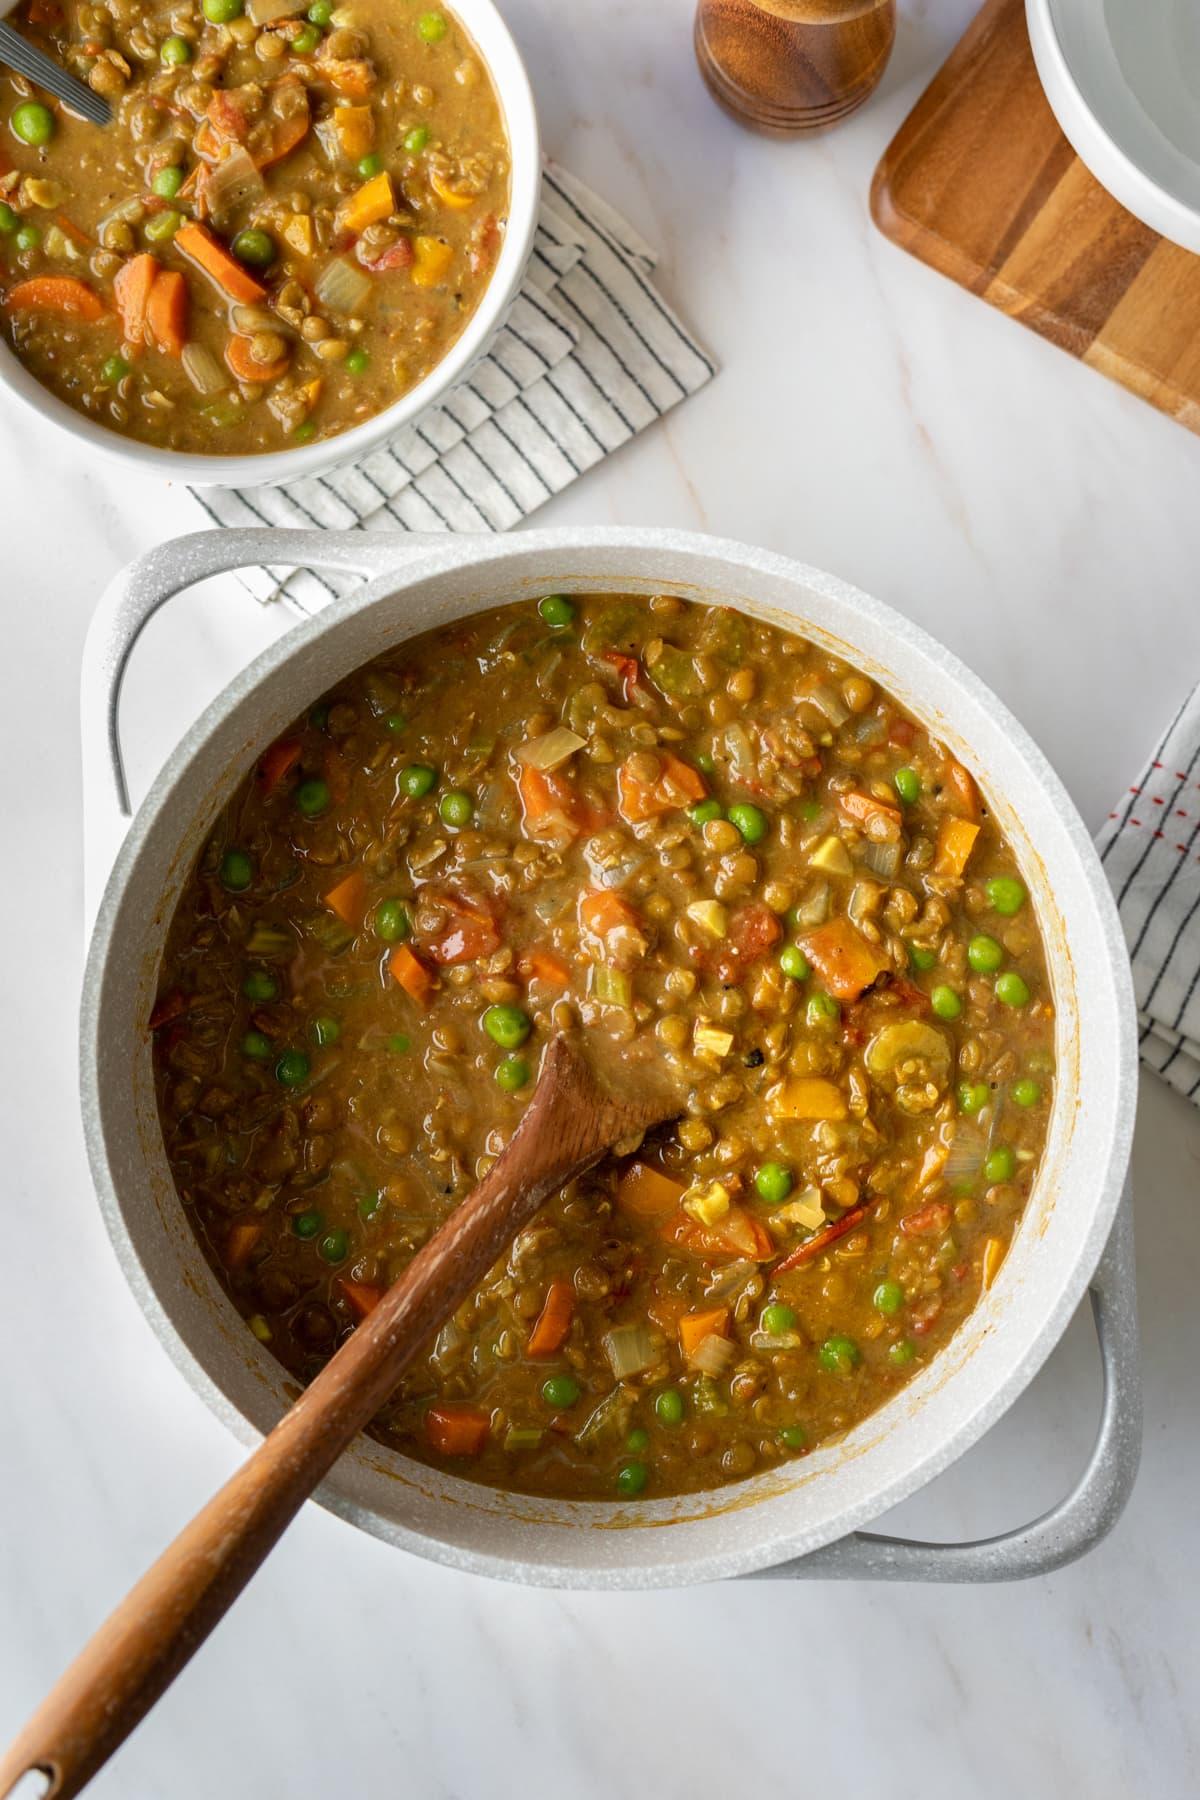 serving lentil soup from a large pot